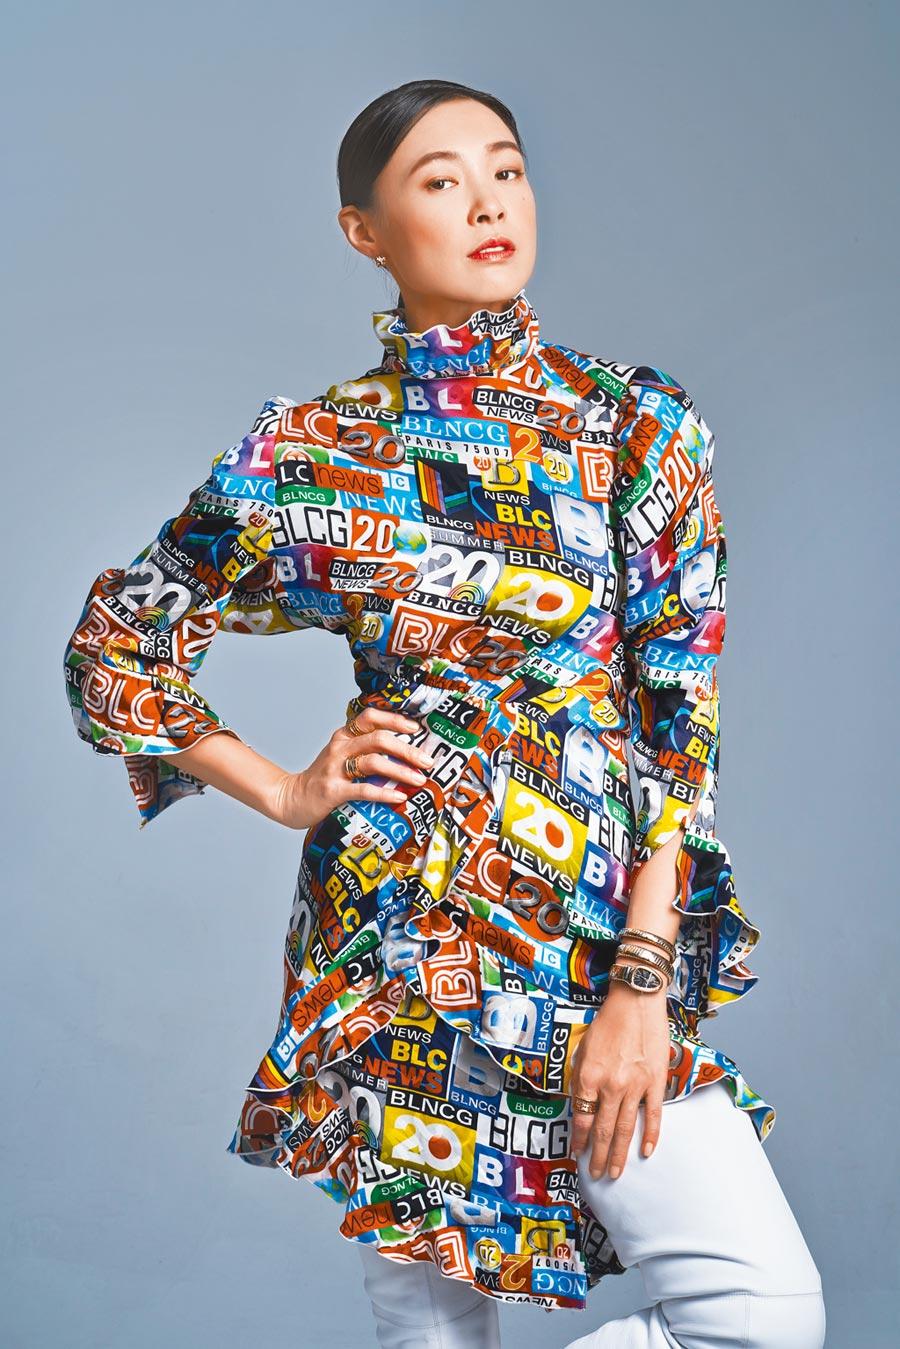 曾珮瑜走出《做工的人》一番驚濤駭浪的「婚姻生活」後,重返時尚,佩戴寶格麗SERPENTI腕表,展現不凡氣勢。(攝影/JOJ PHOTO,服裝提供/Balenciaga)